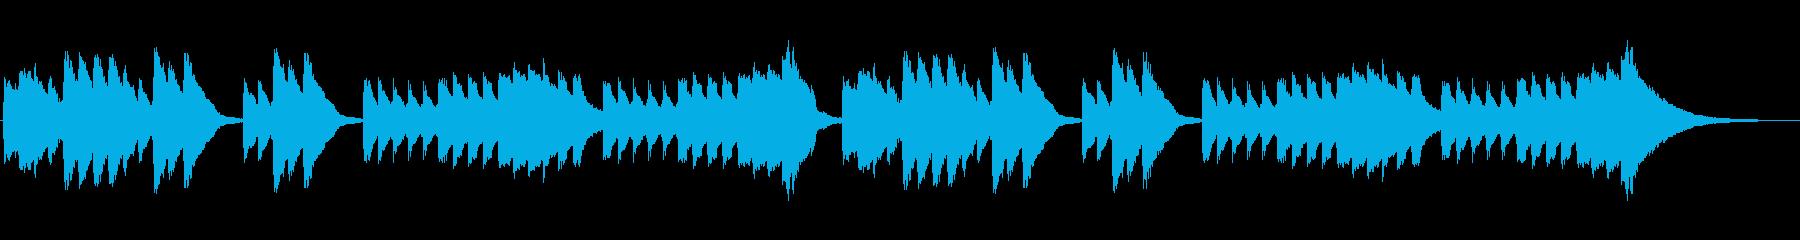 主旋律メインの再生済みの波形